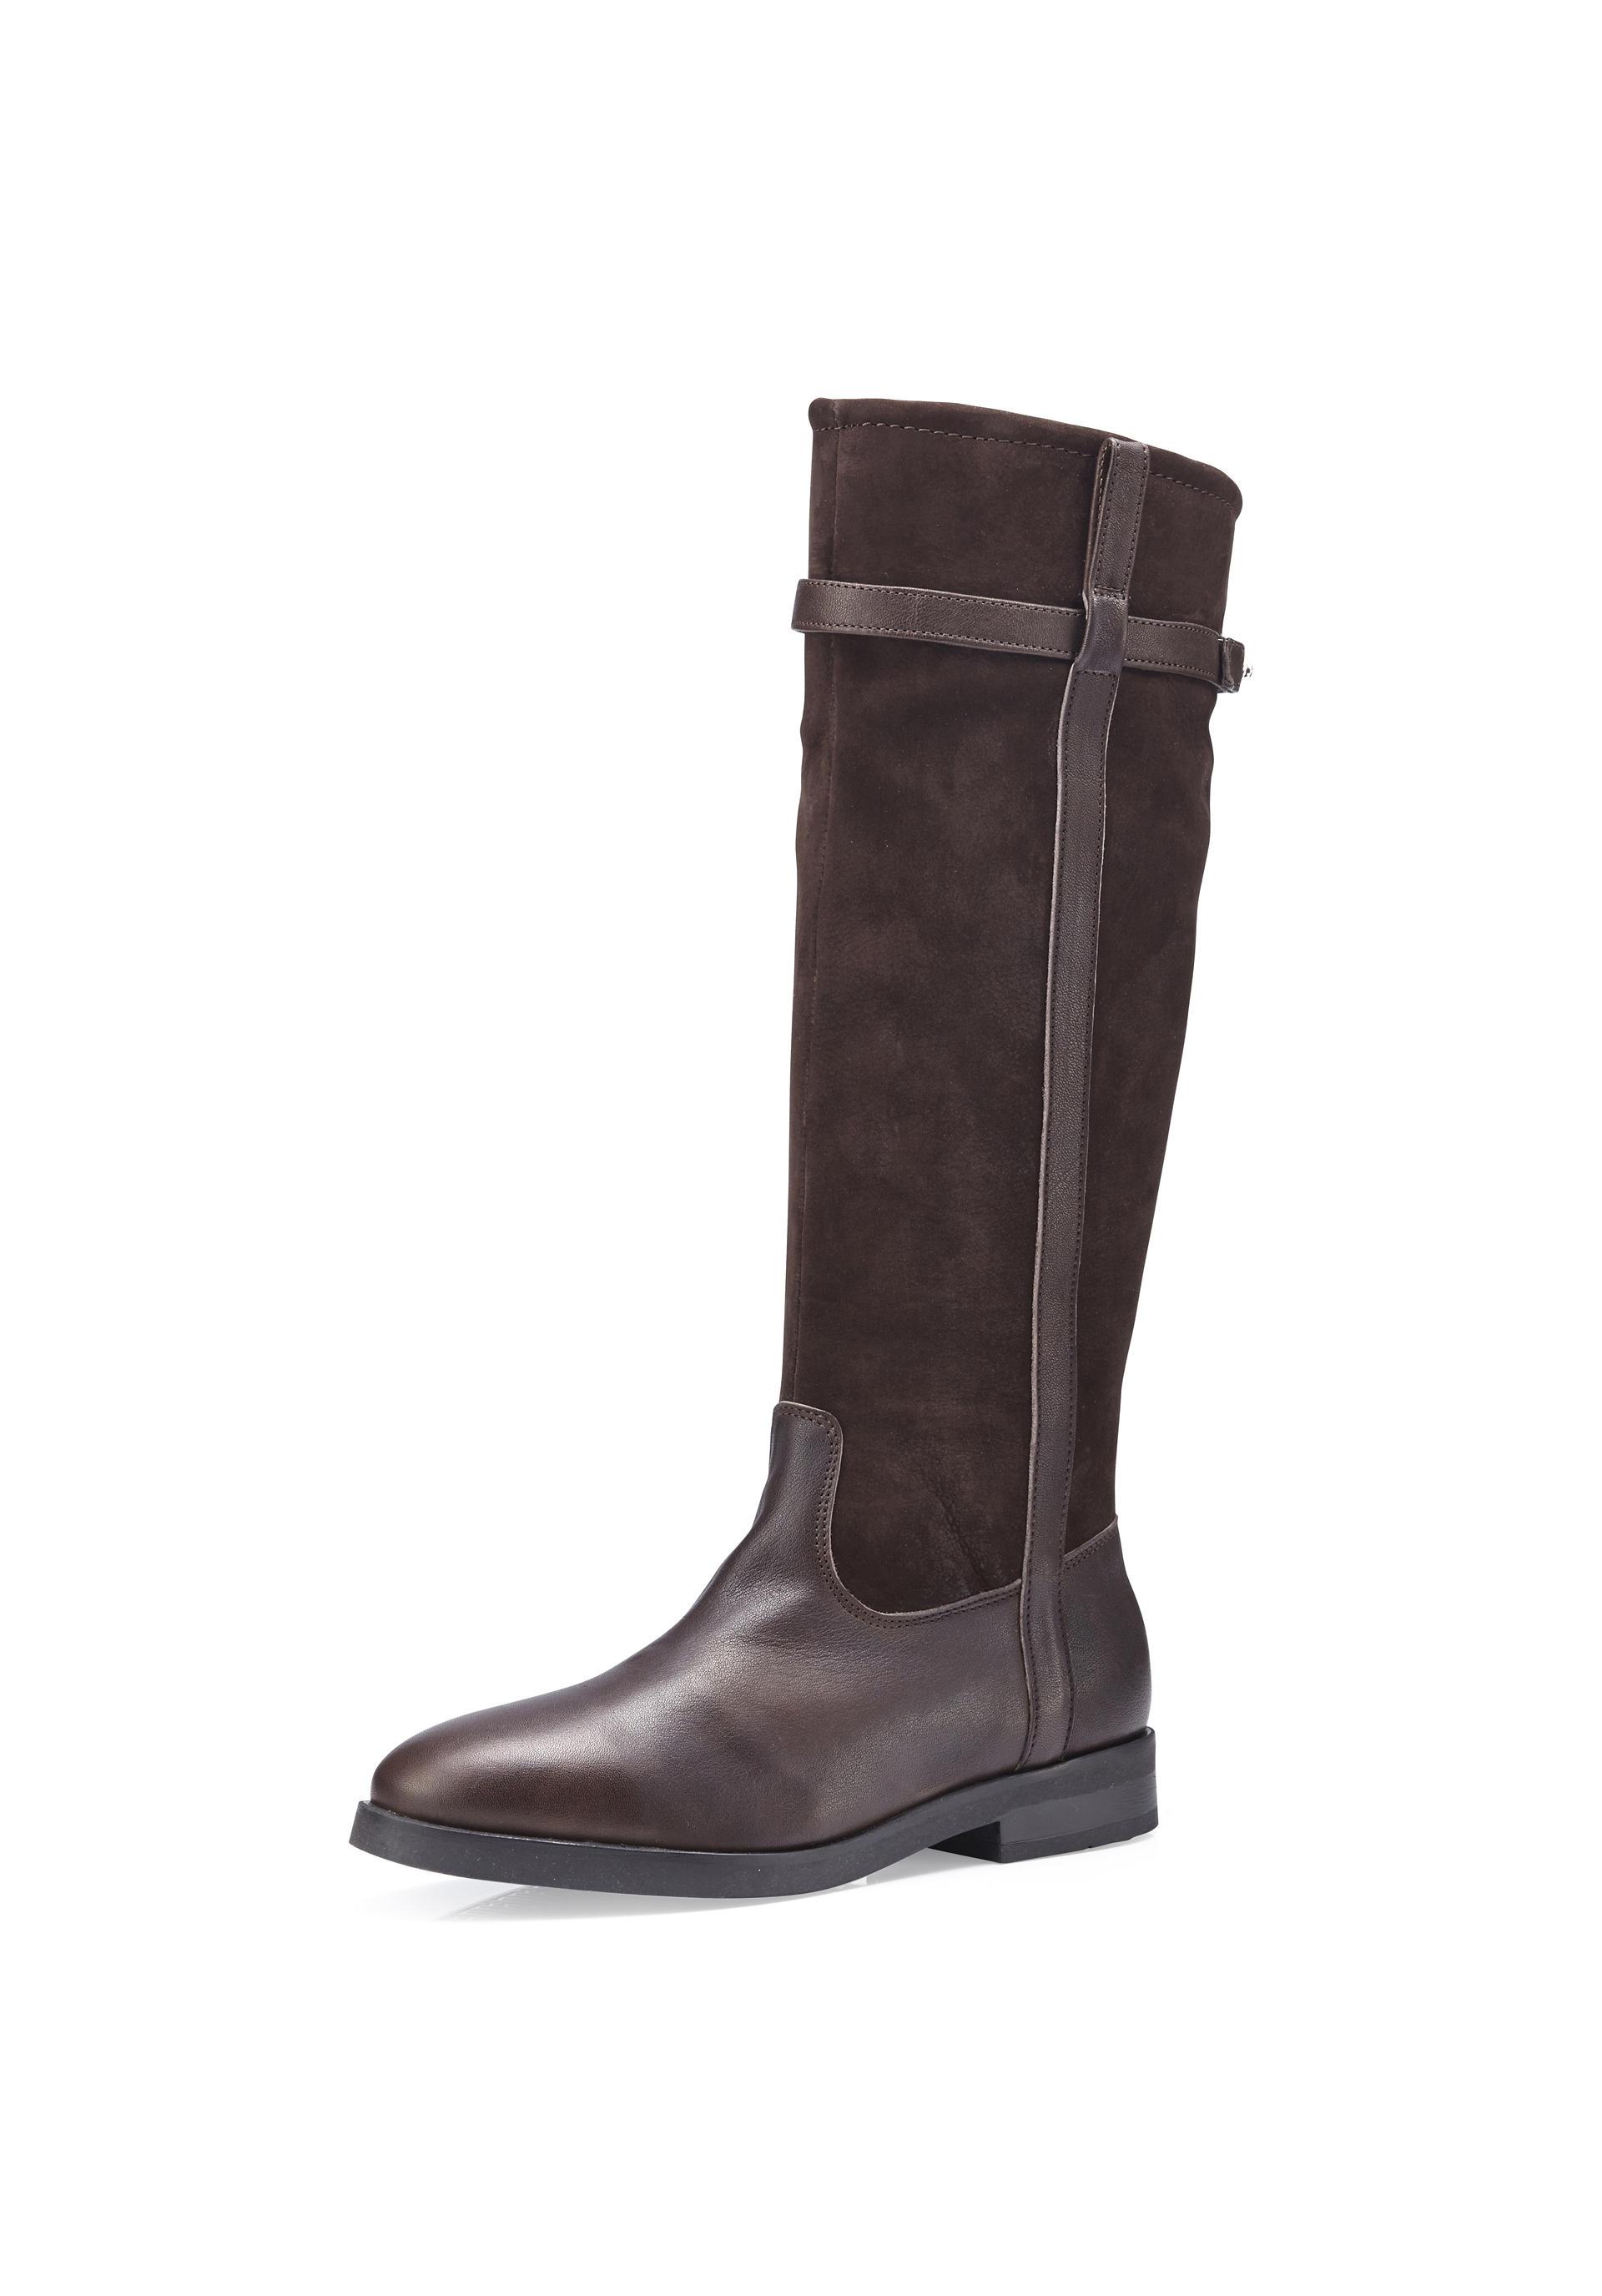 dab1b4be1ed974 Damen Stiefel aus Leder - hessnatur Deutschland